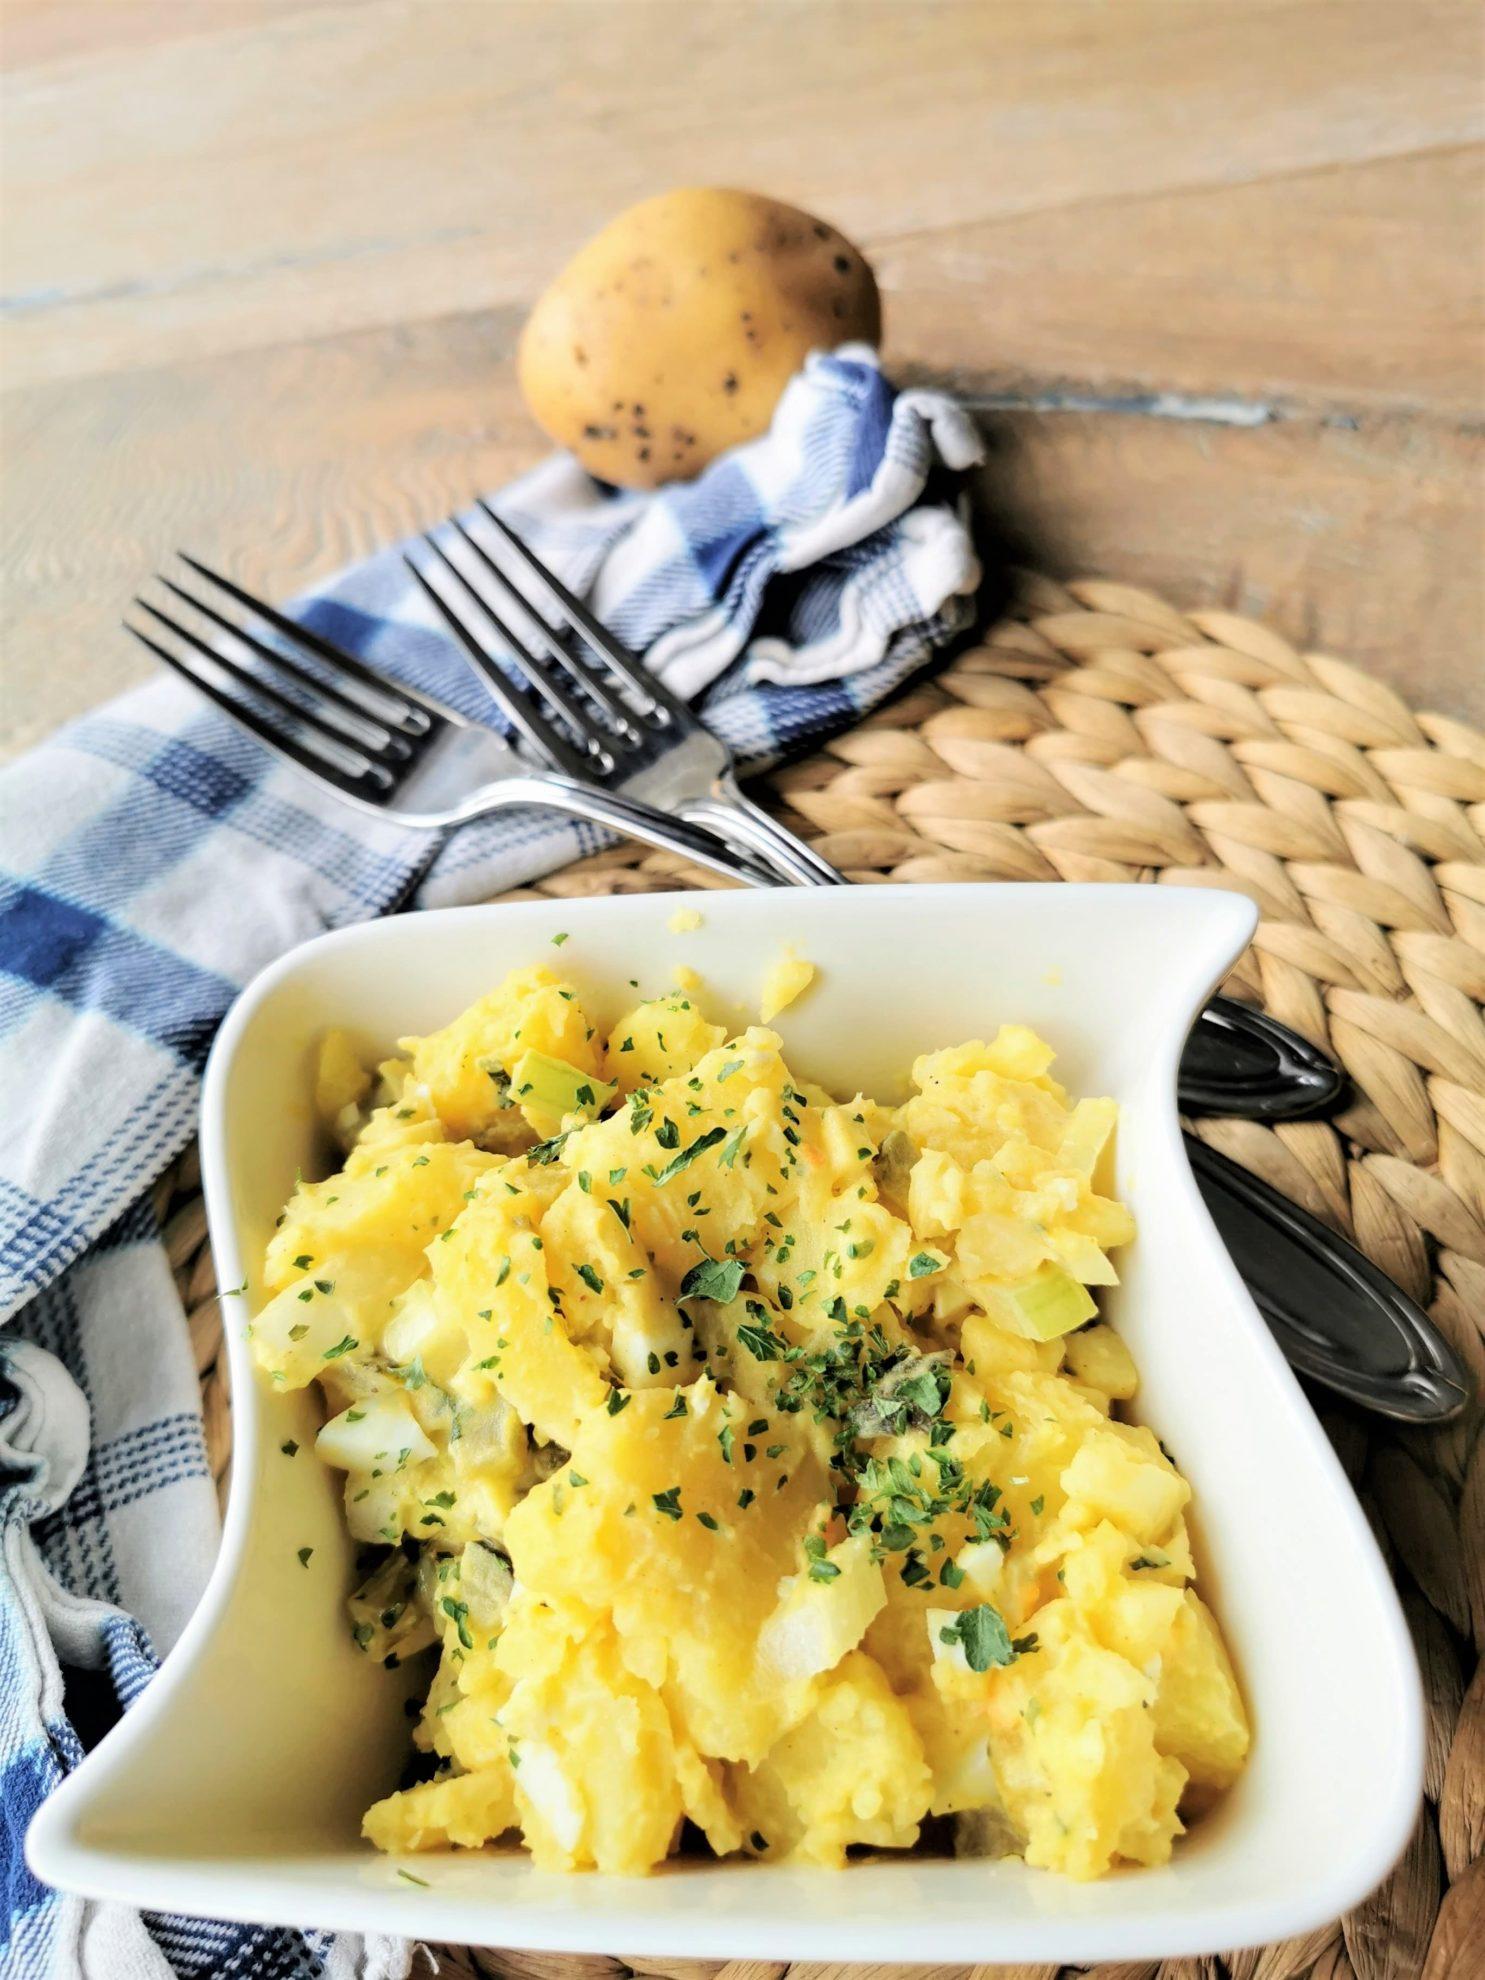 Familienrezept aus Tschechien: Kartoffelsalat bei Puddingklecks